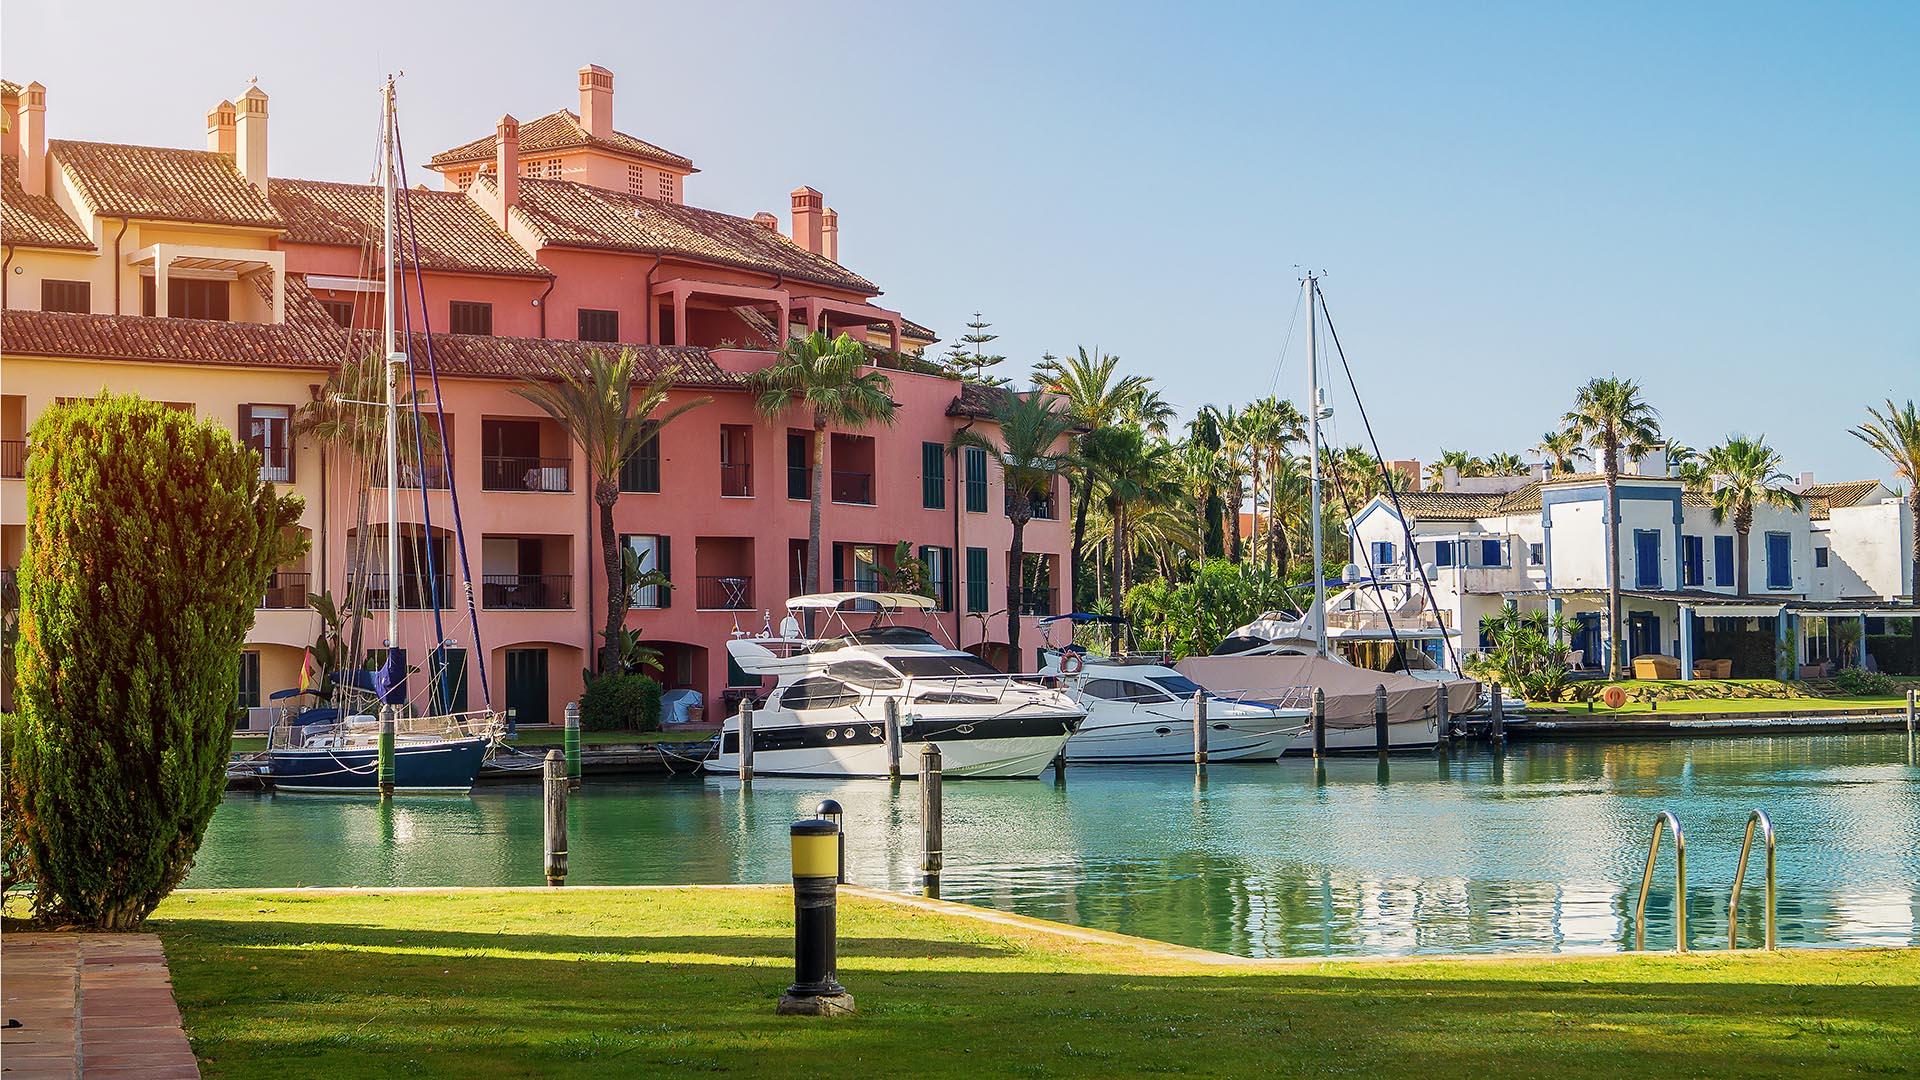 Sotogrande Port and Marina - Noll & Partners Sotogrande Real Estate